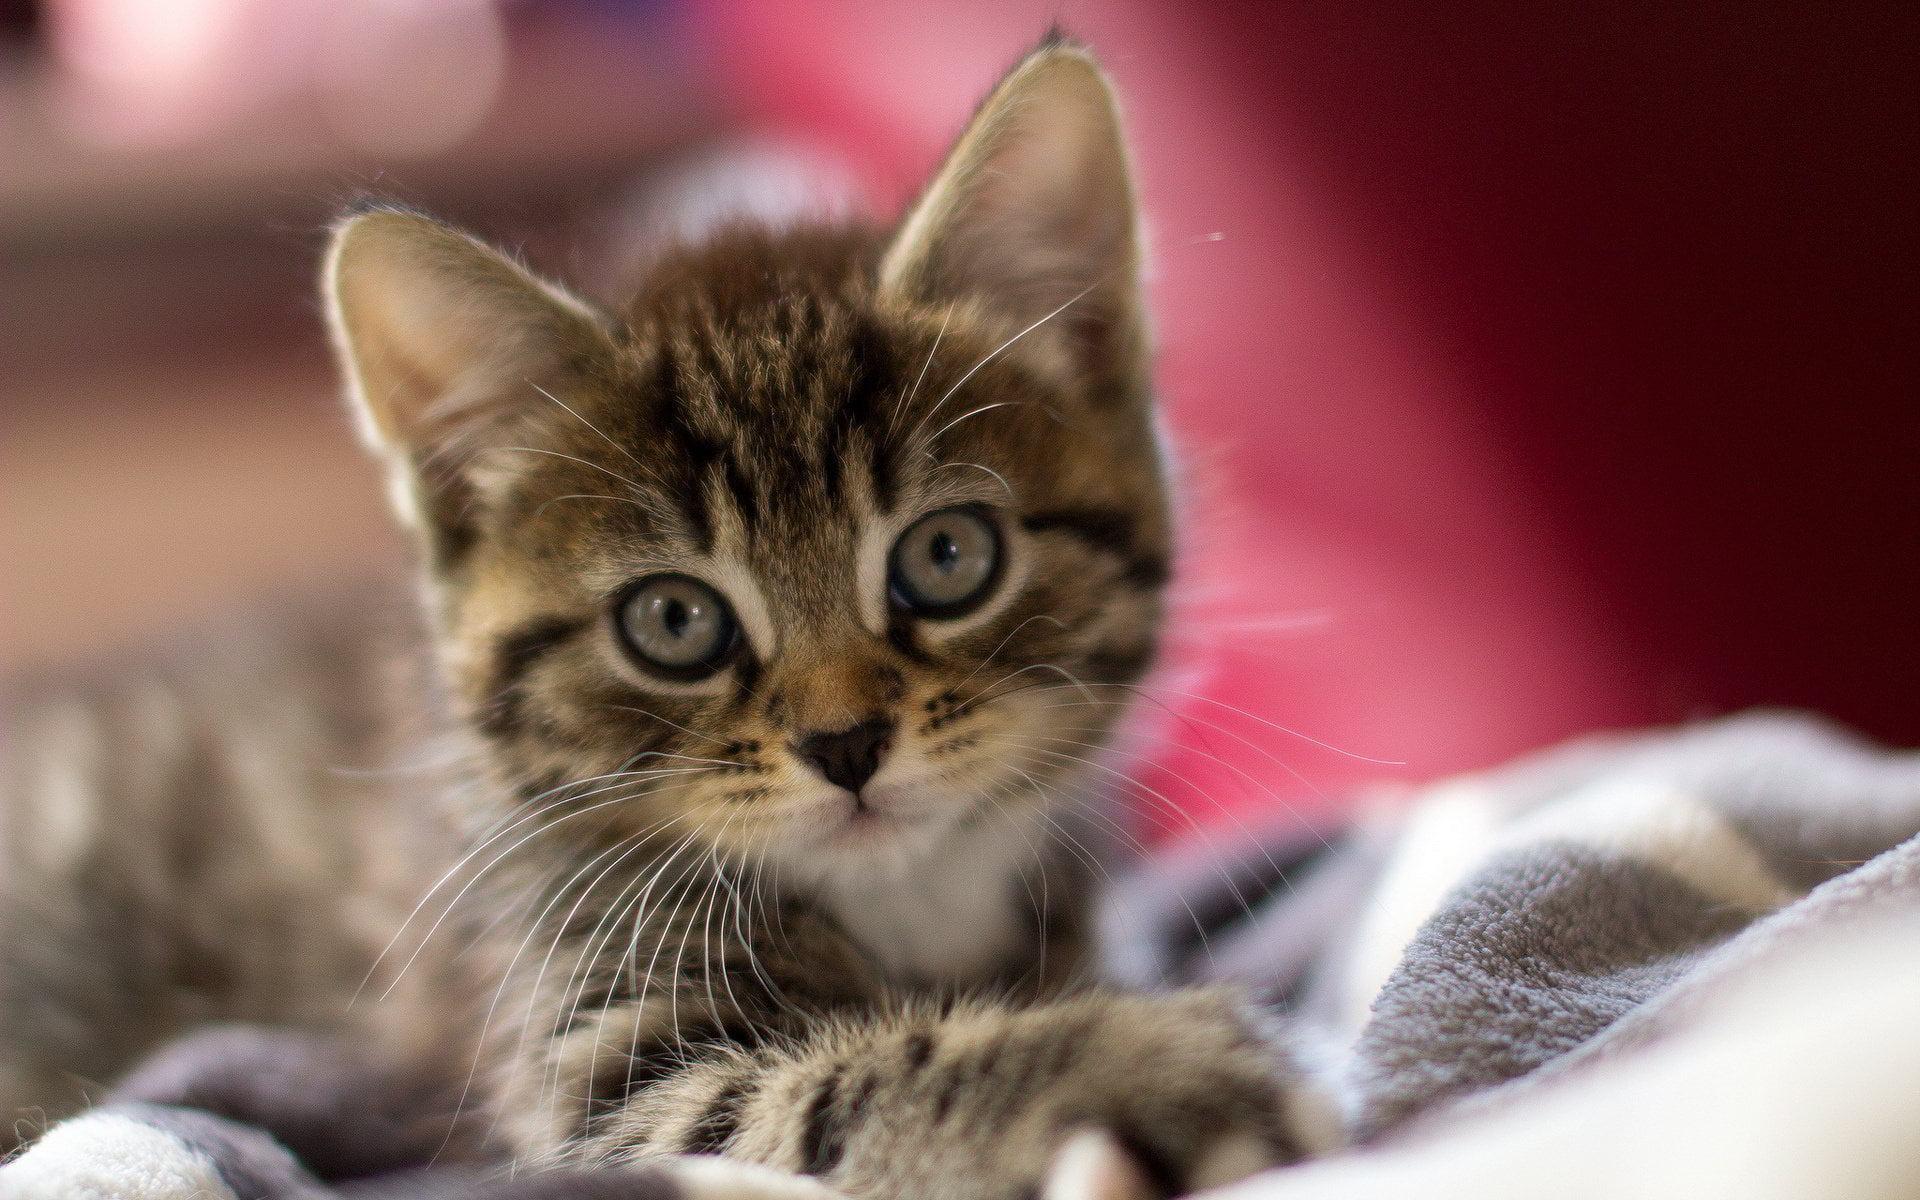 Hình ảnh chú mèo mướp dễ thương